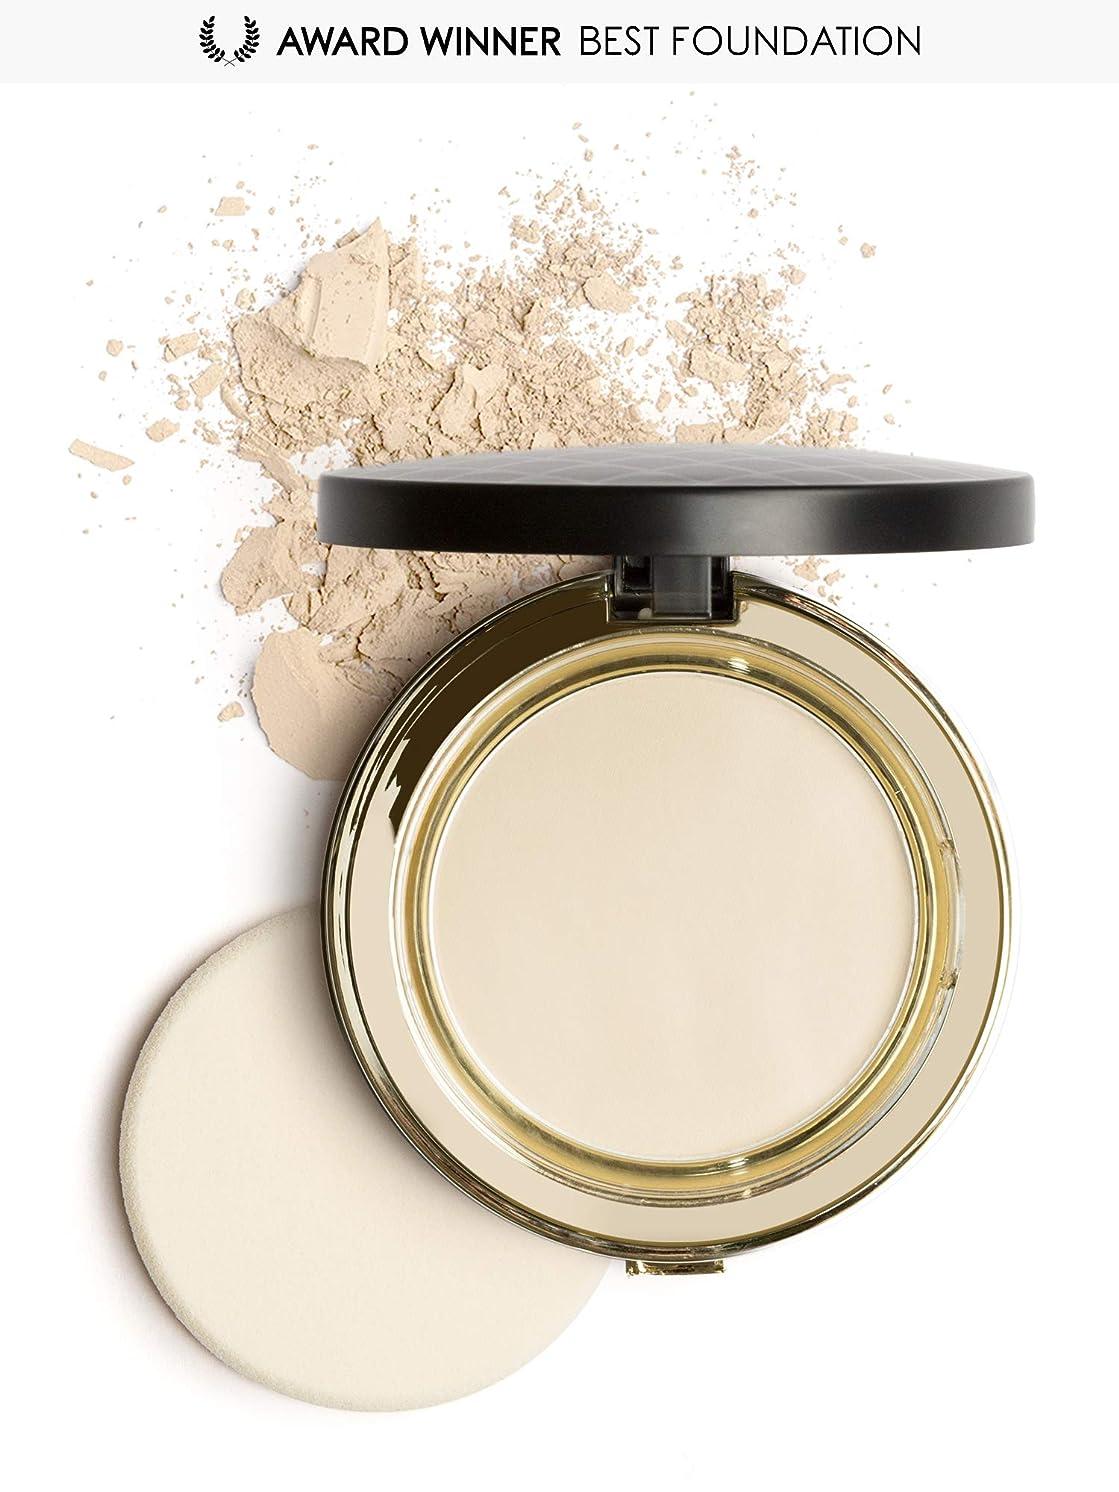 レジデンスモスク線形Mirenesse Cosmetics Skin Clone Foundation Mineral Face Powder SPF15 13g/0.46oz (21. Vienna) - AUTHENTIC